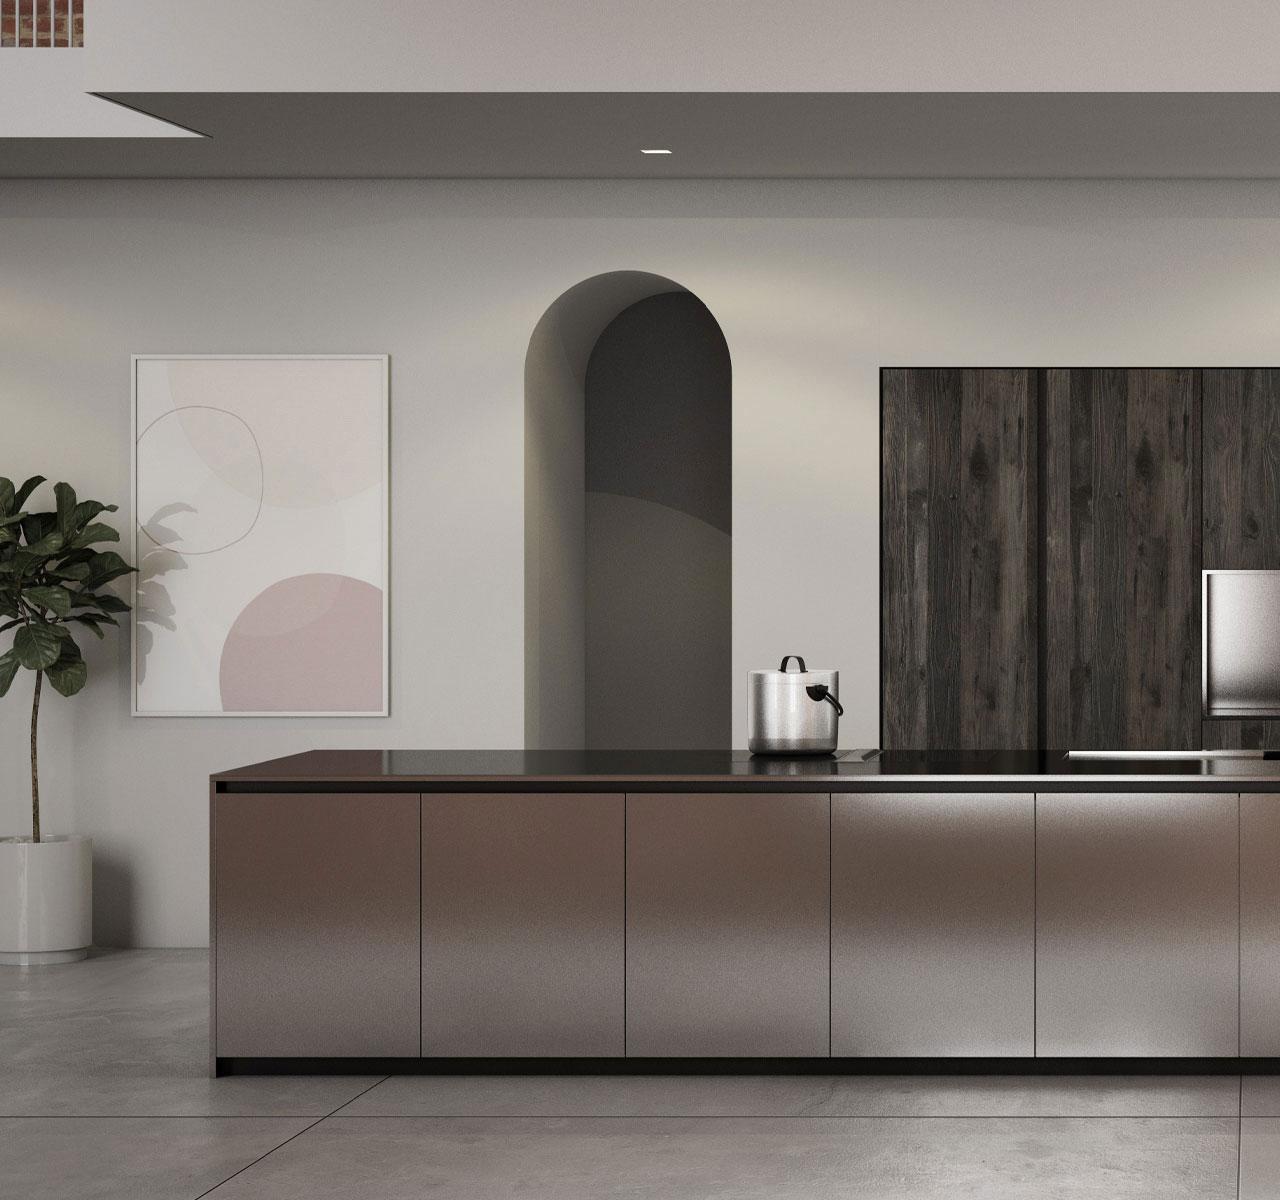 vetti-kitchen-composition-04-a-mob01